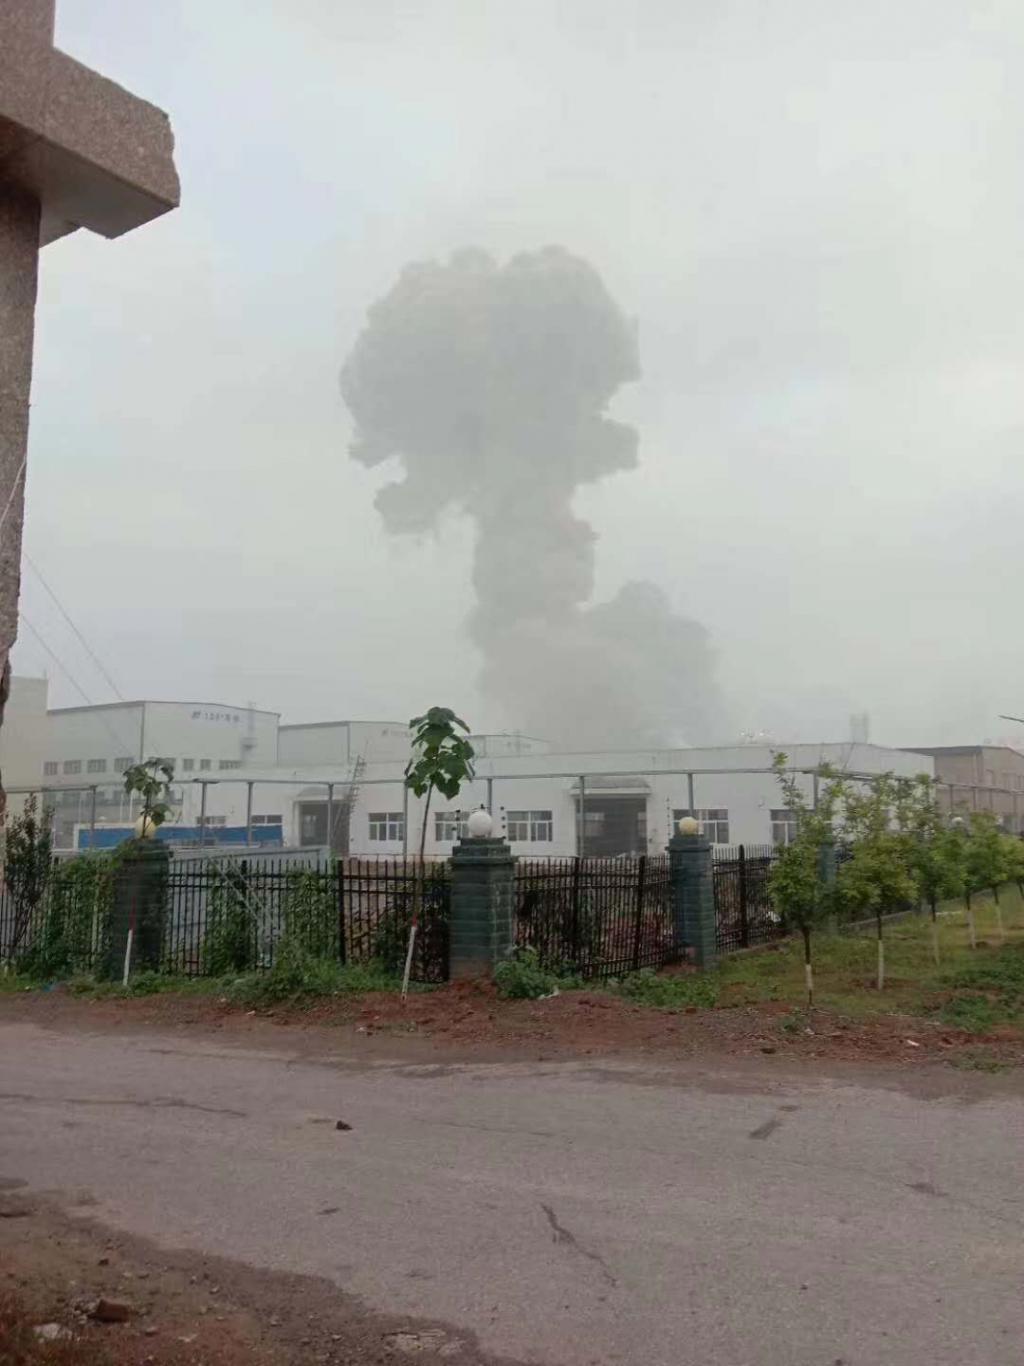 邯郸市肥乡区发生一起特气泄漏事故,无